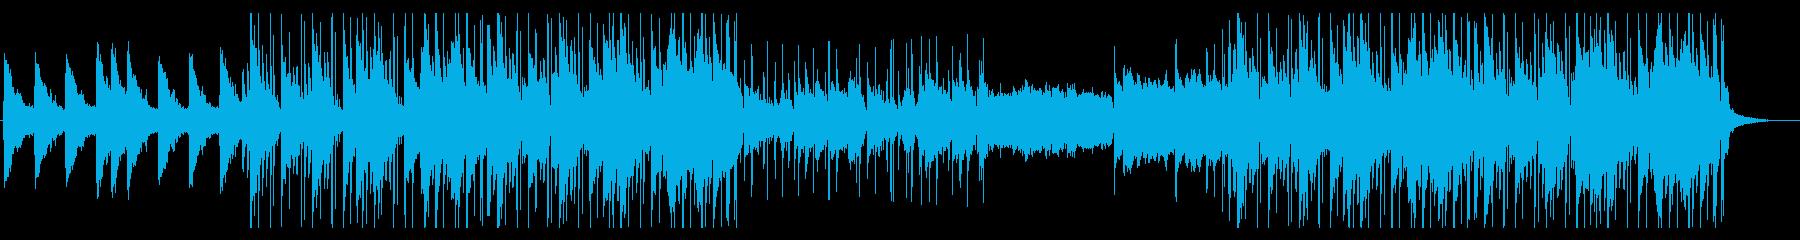 朧げなLo-fi Hip Hopの再生済みの波形